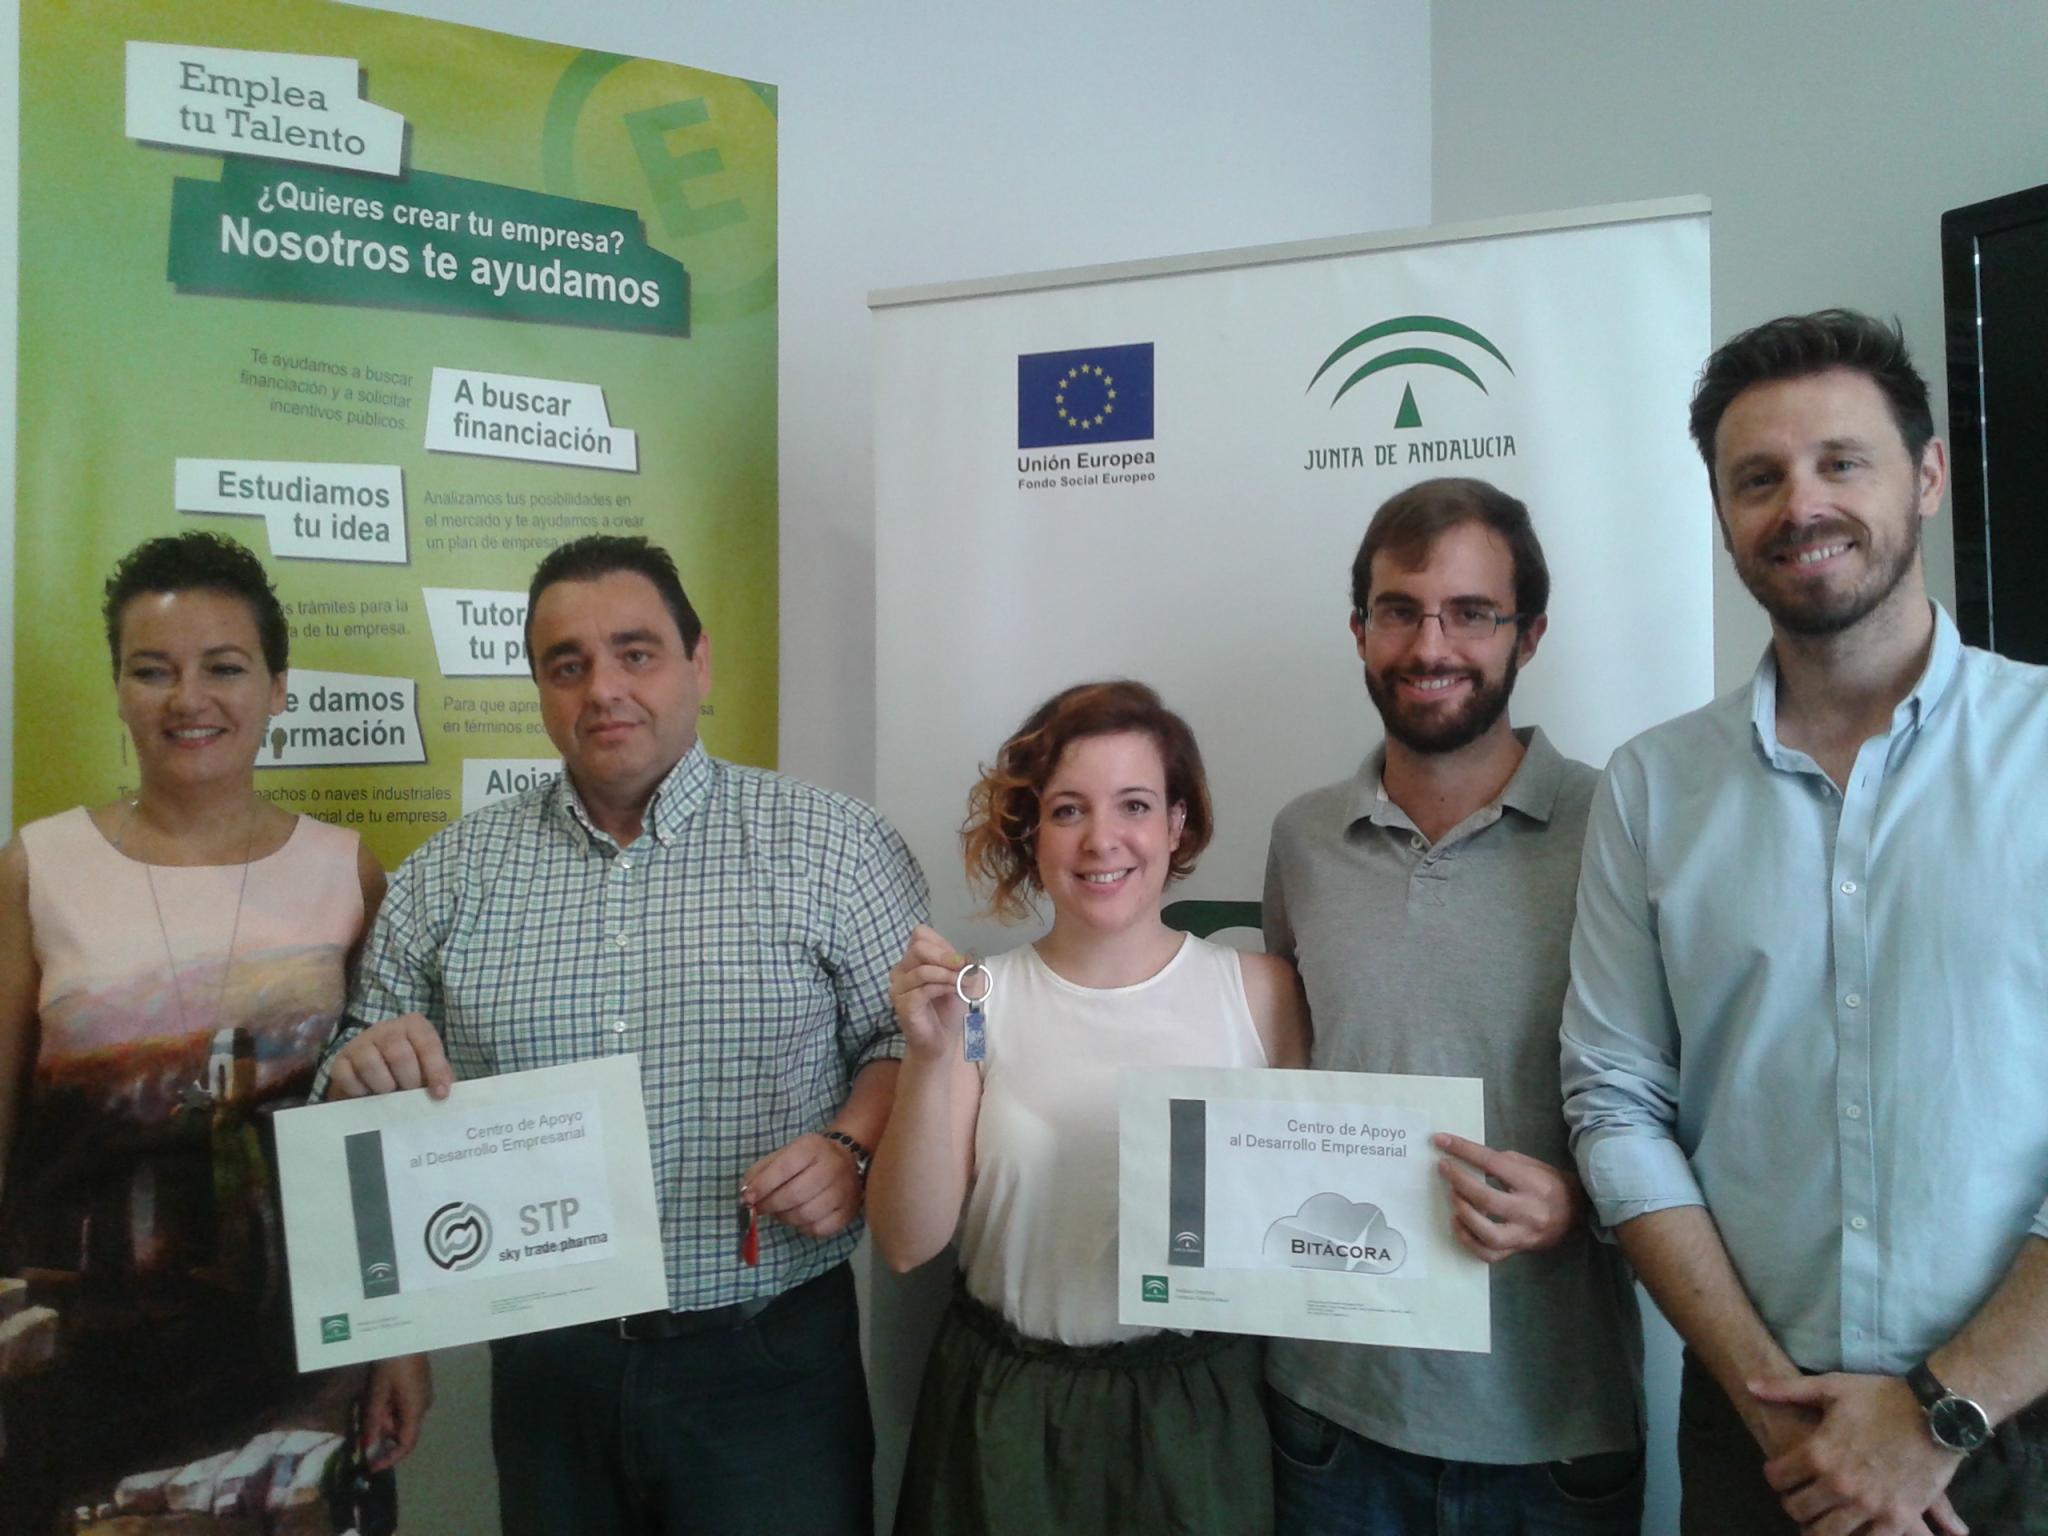 El Centro Andaluz de Emprendimiento (CADE) de Almería ha organizado la formación 'Ecosistema y marketing digitales' mejorar la visibilidad de un sitio web en los resultados orgánicos de los diferentes buscadores (Search Engine Optimization, SEO)